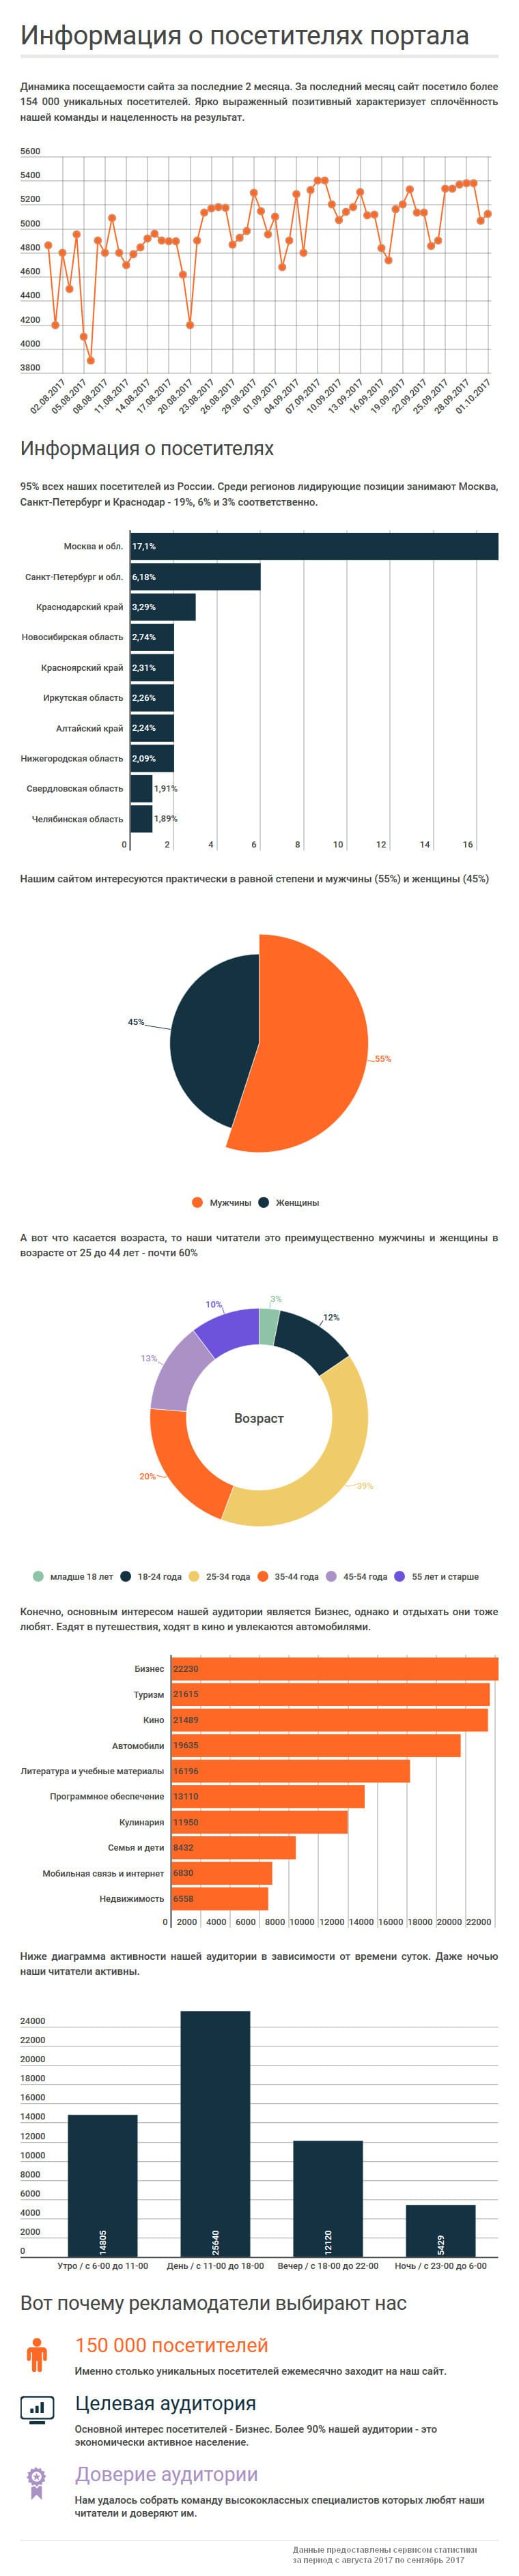 infograf-visits